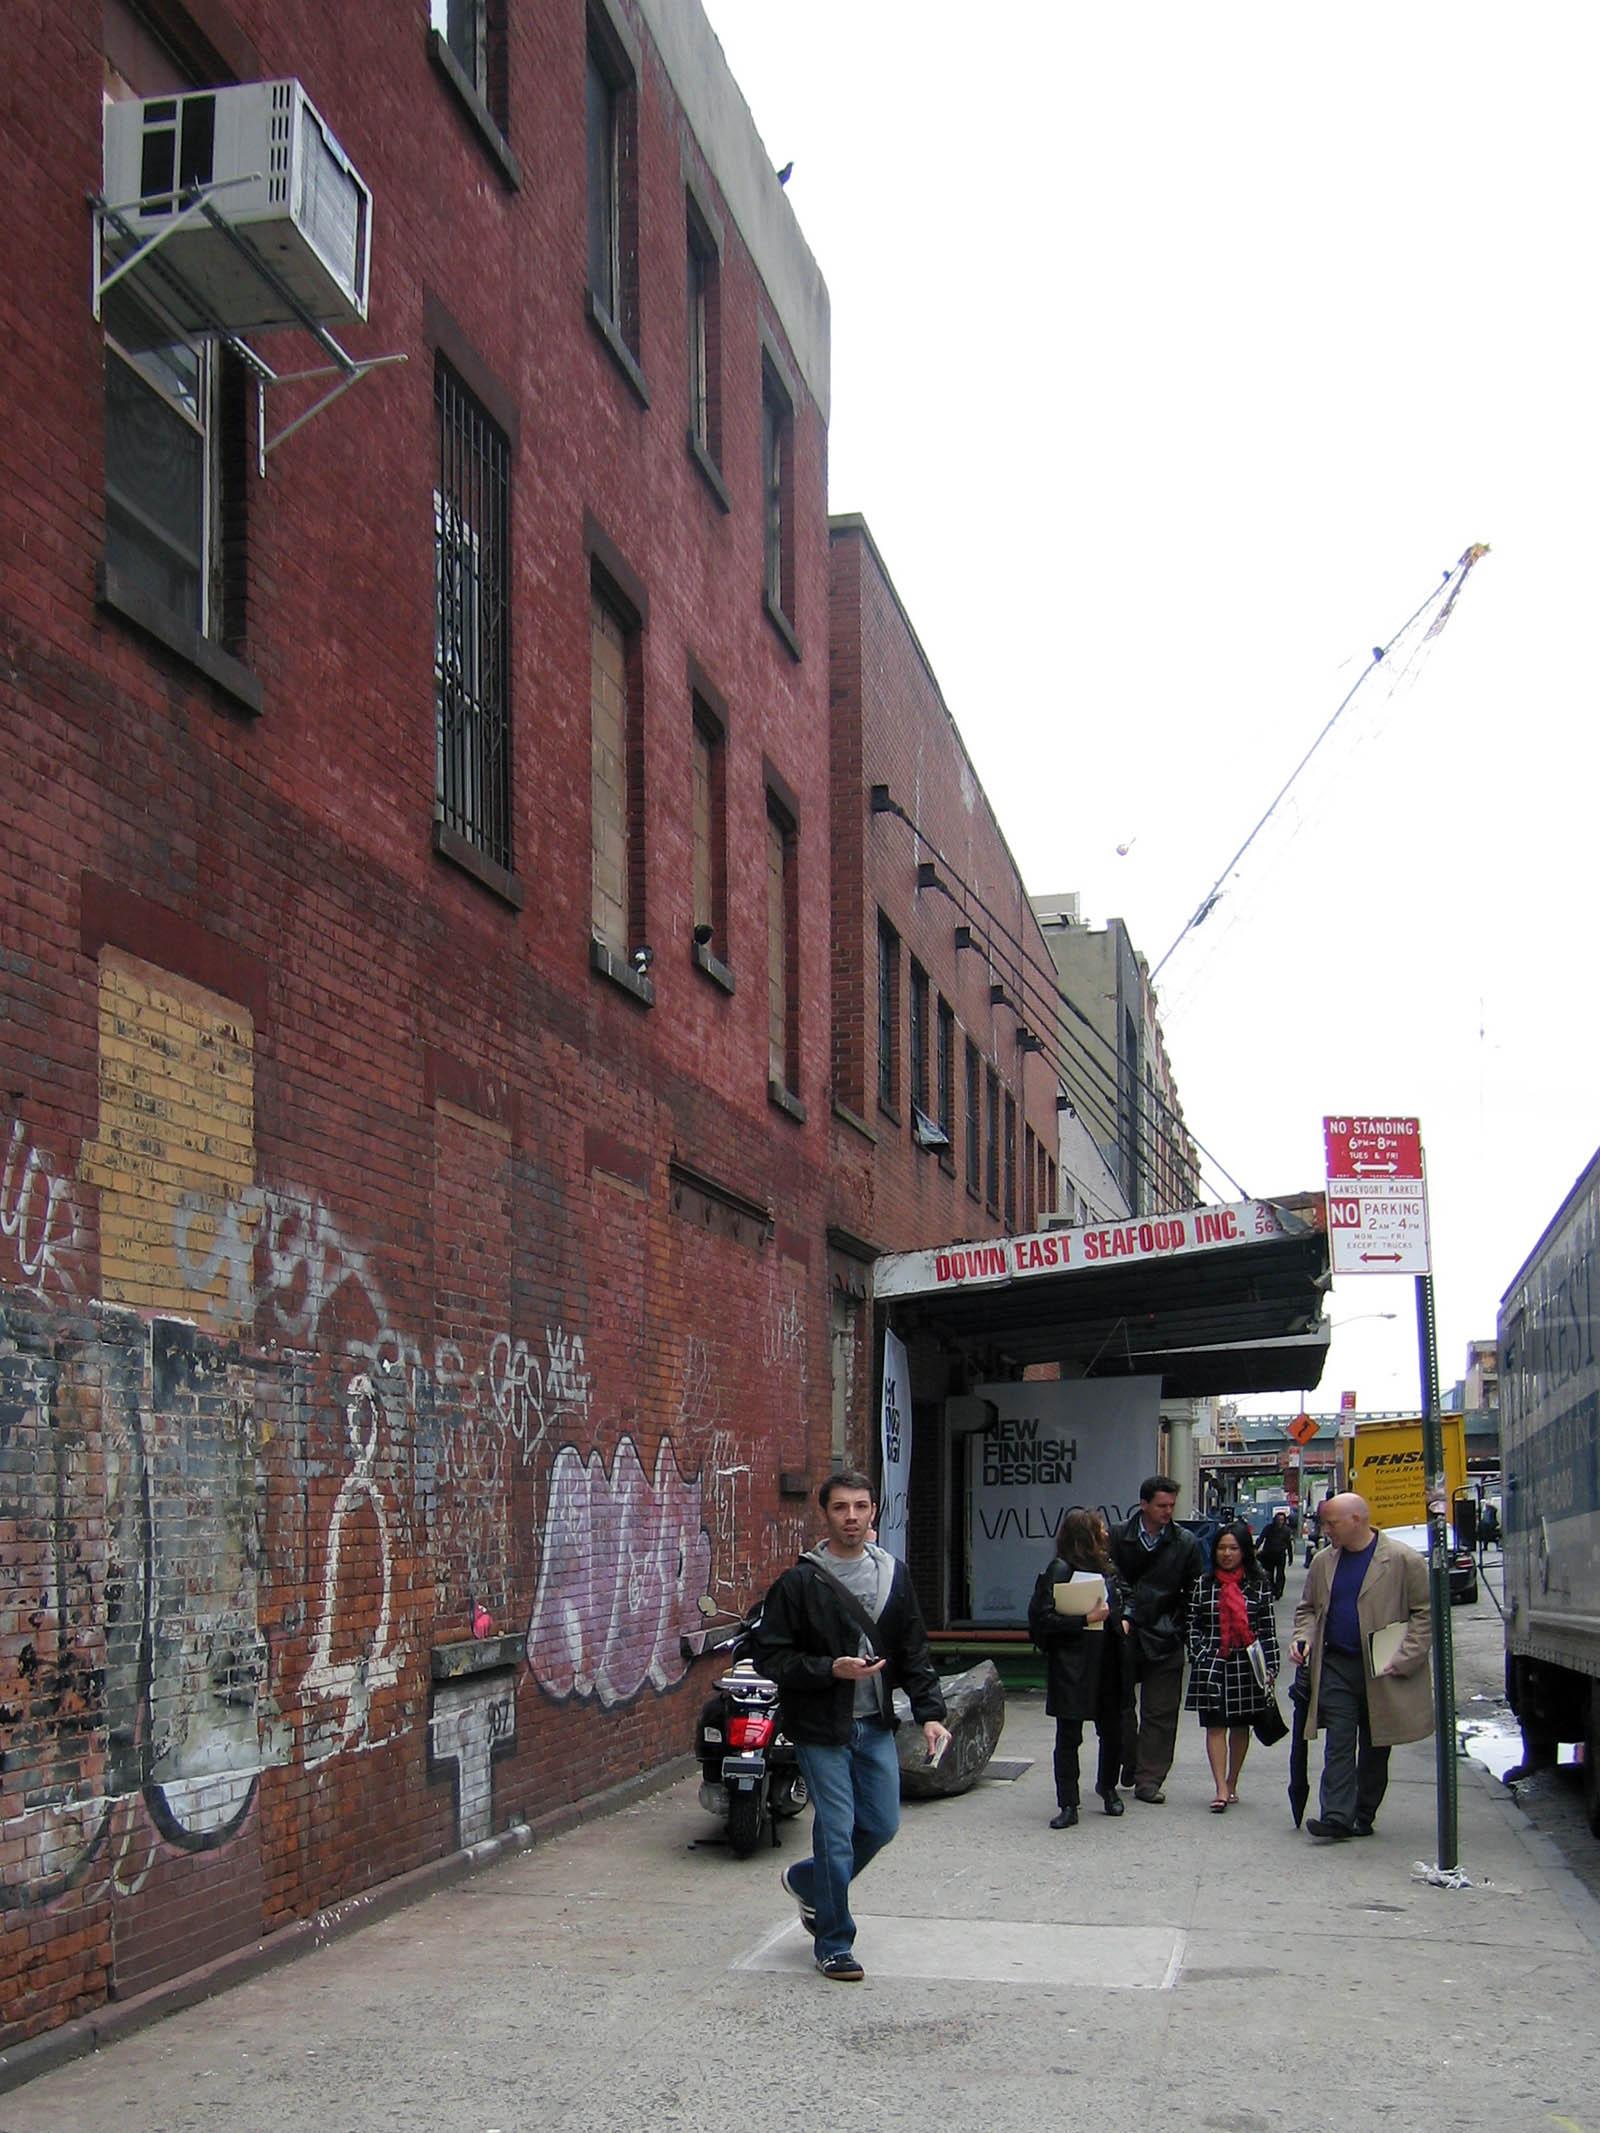 15_Valvomo NYC